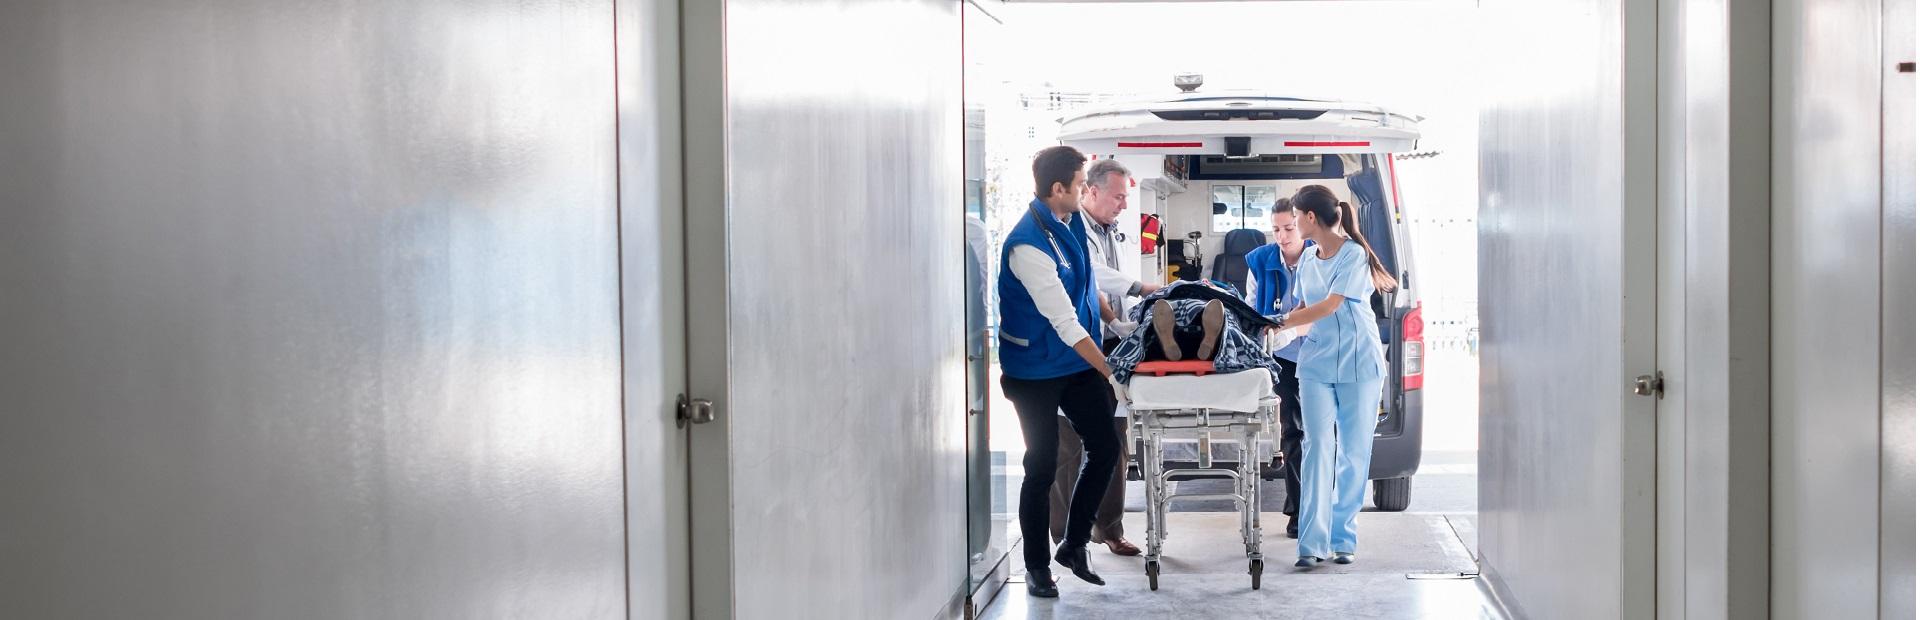 Ambulance Services | SCL Health | Brighton, CO